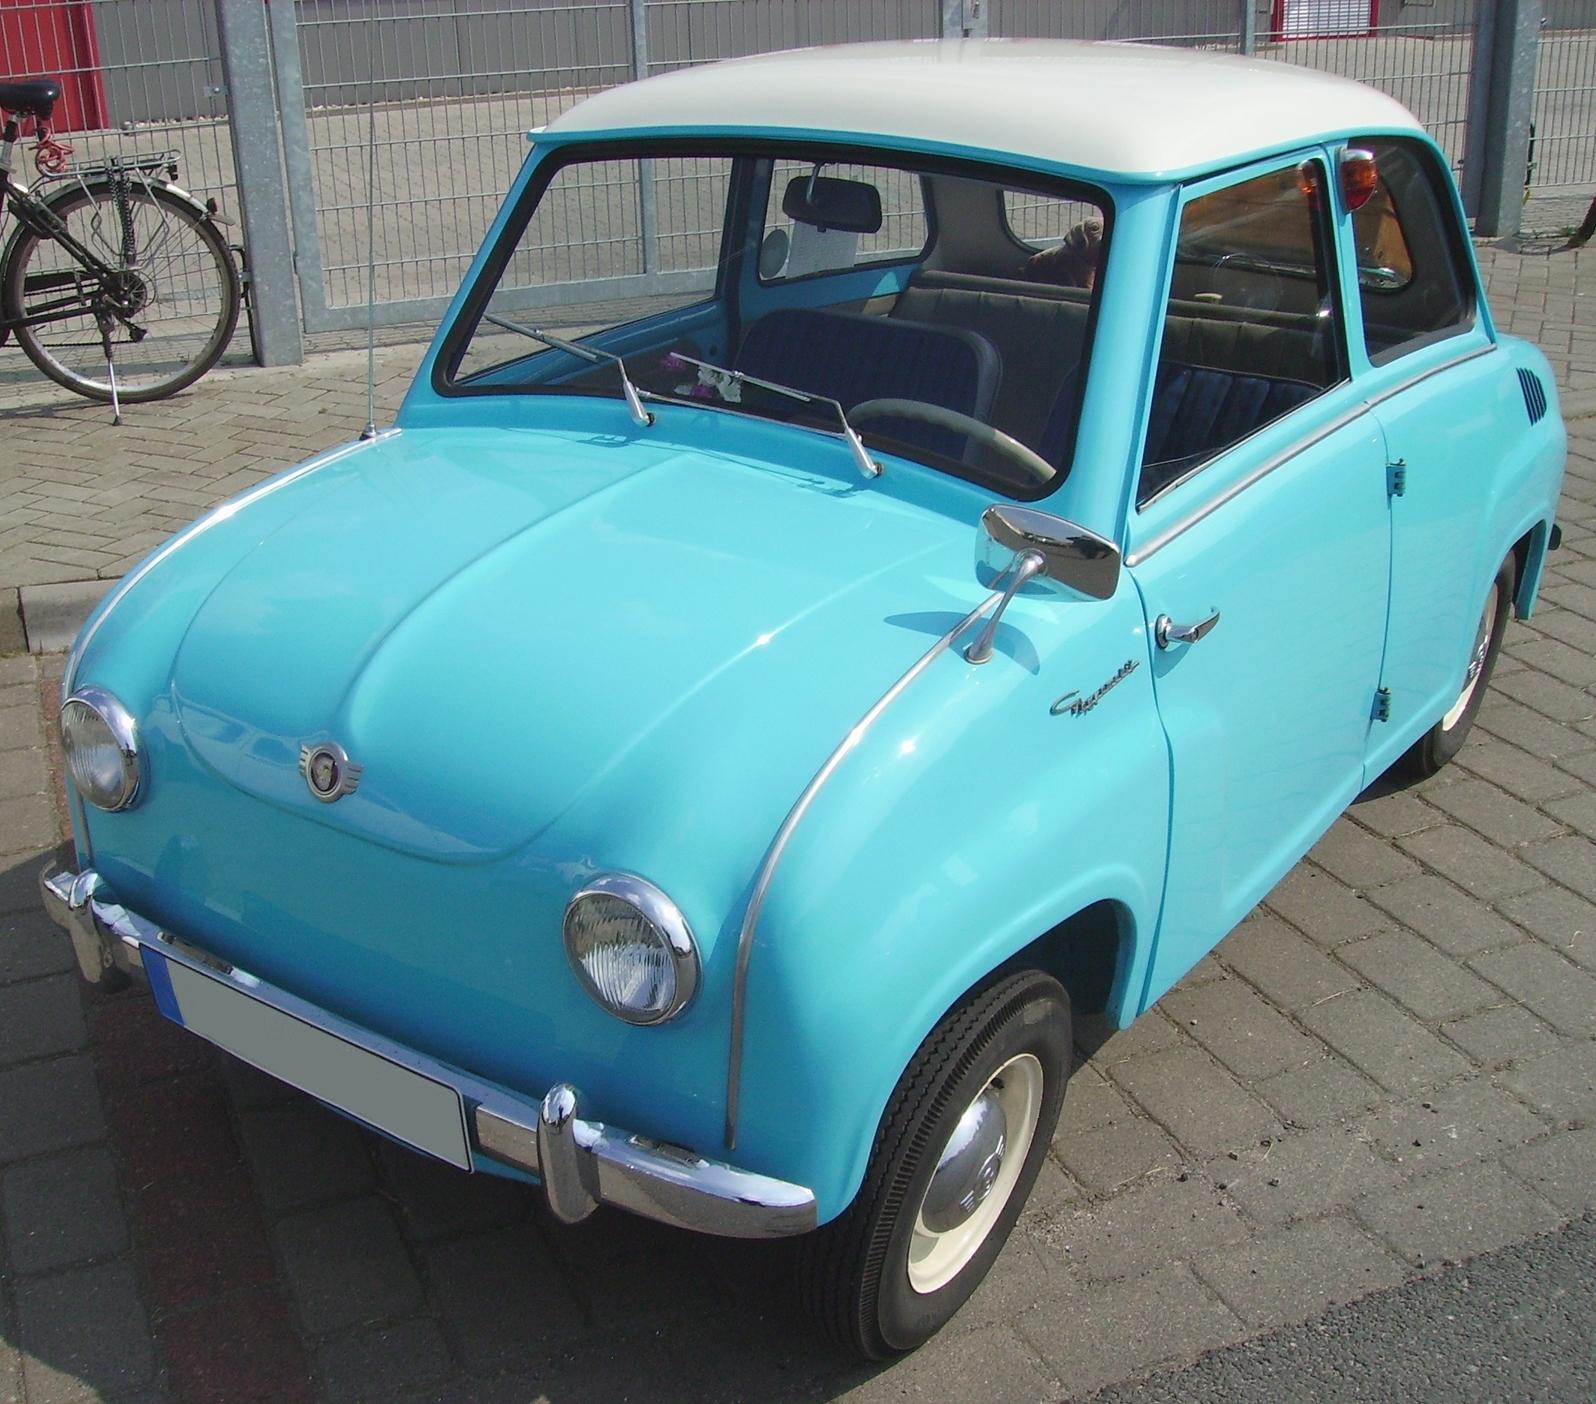 Automotive Definition Wikipedia: Goggomobil